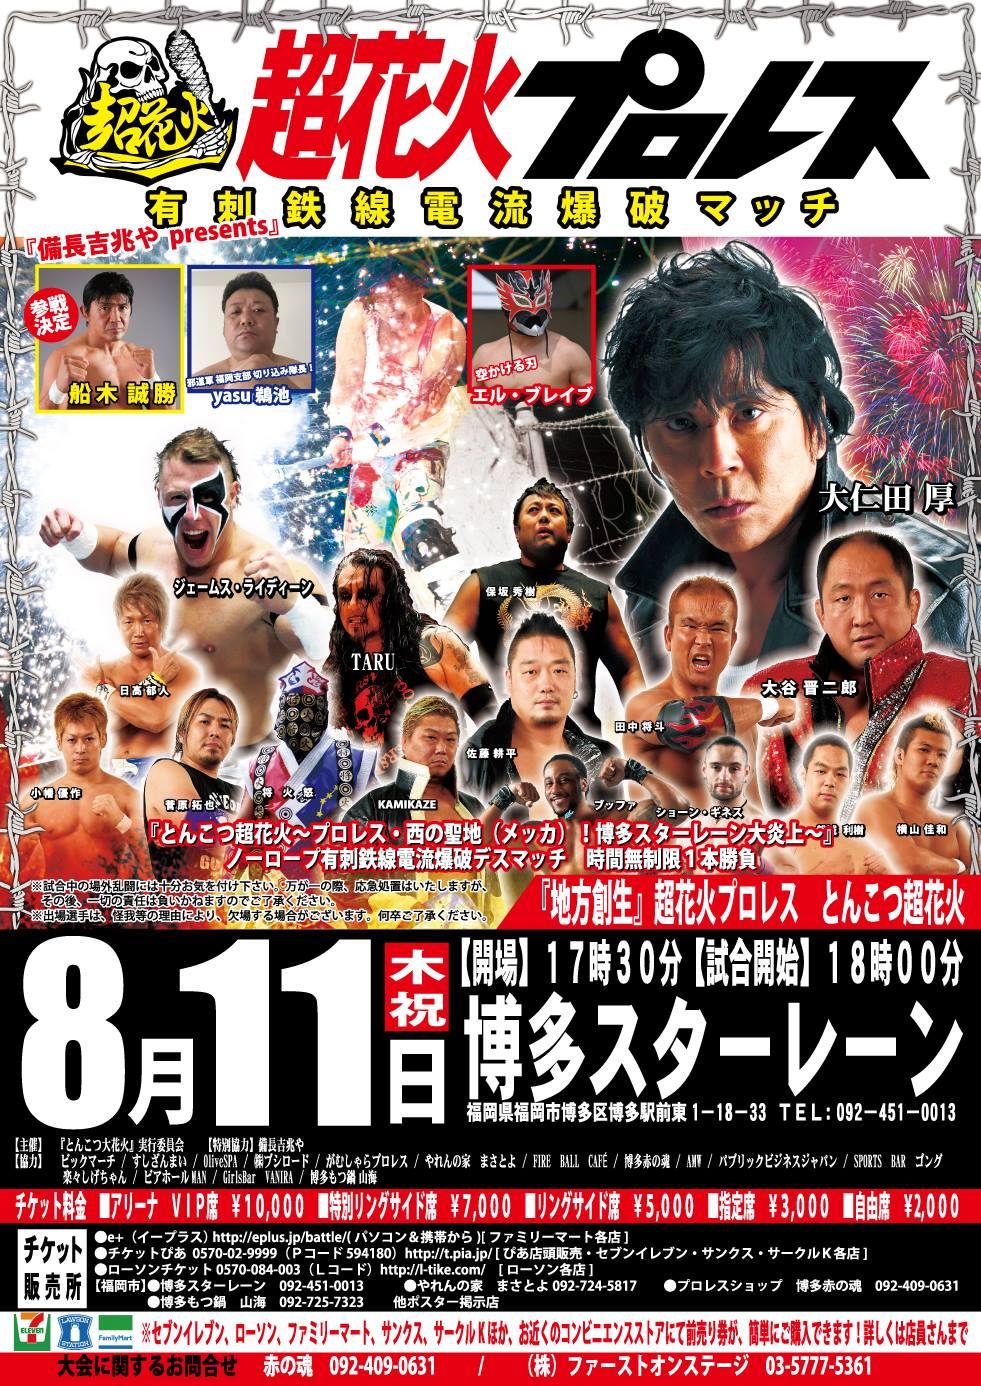 【超花火プロレス】8/11博多&8/12熊本 全対戦カード